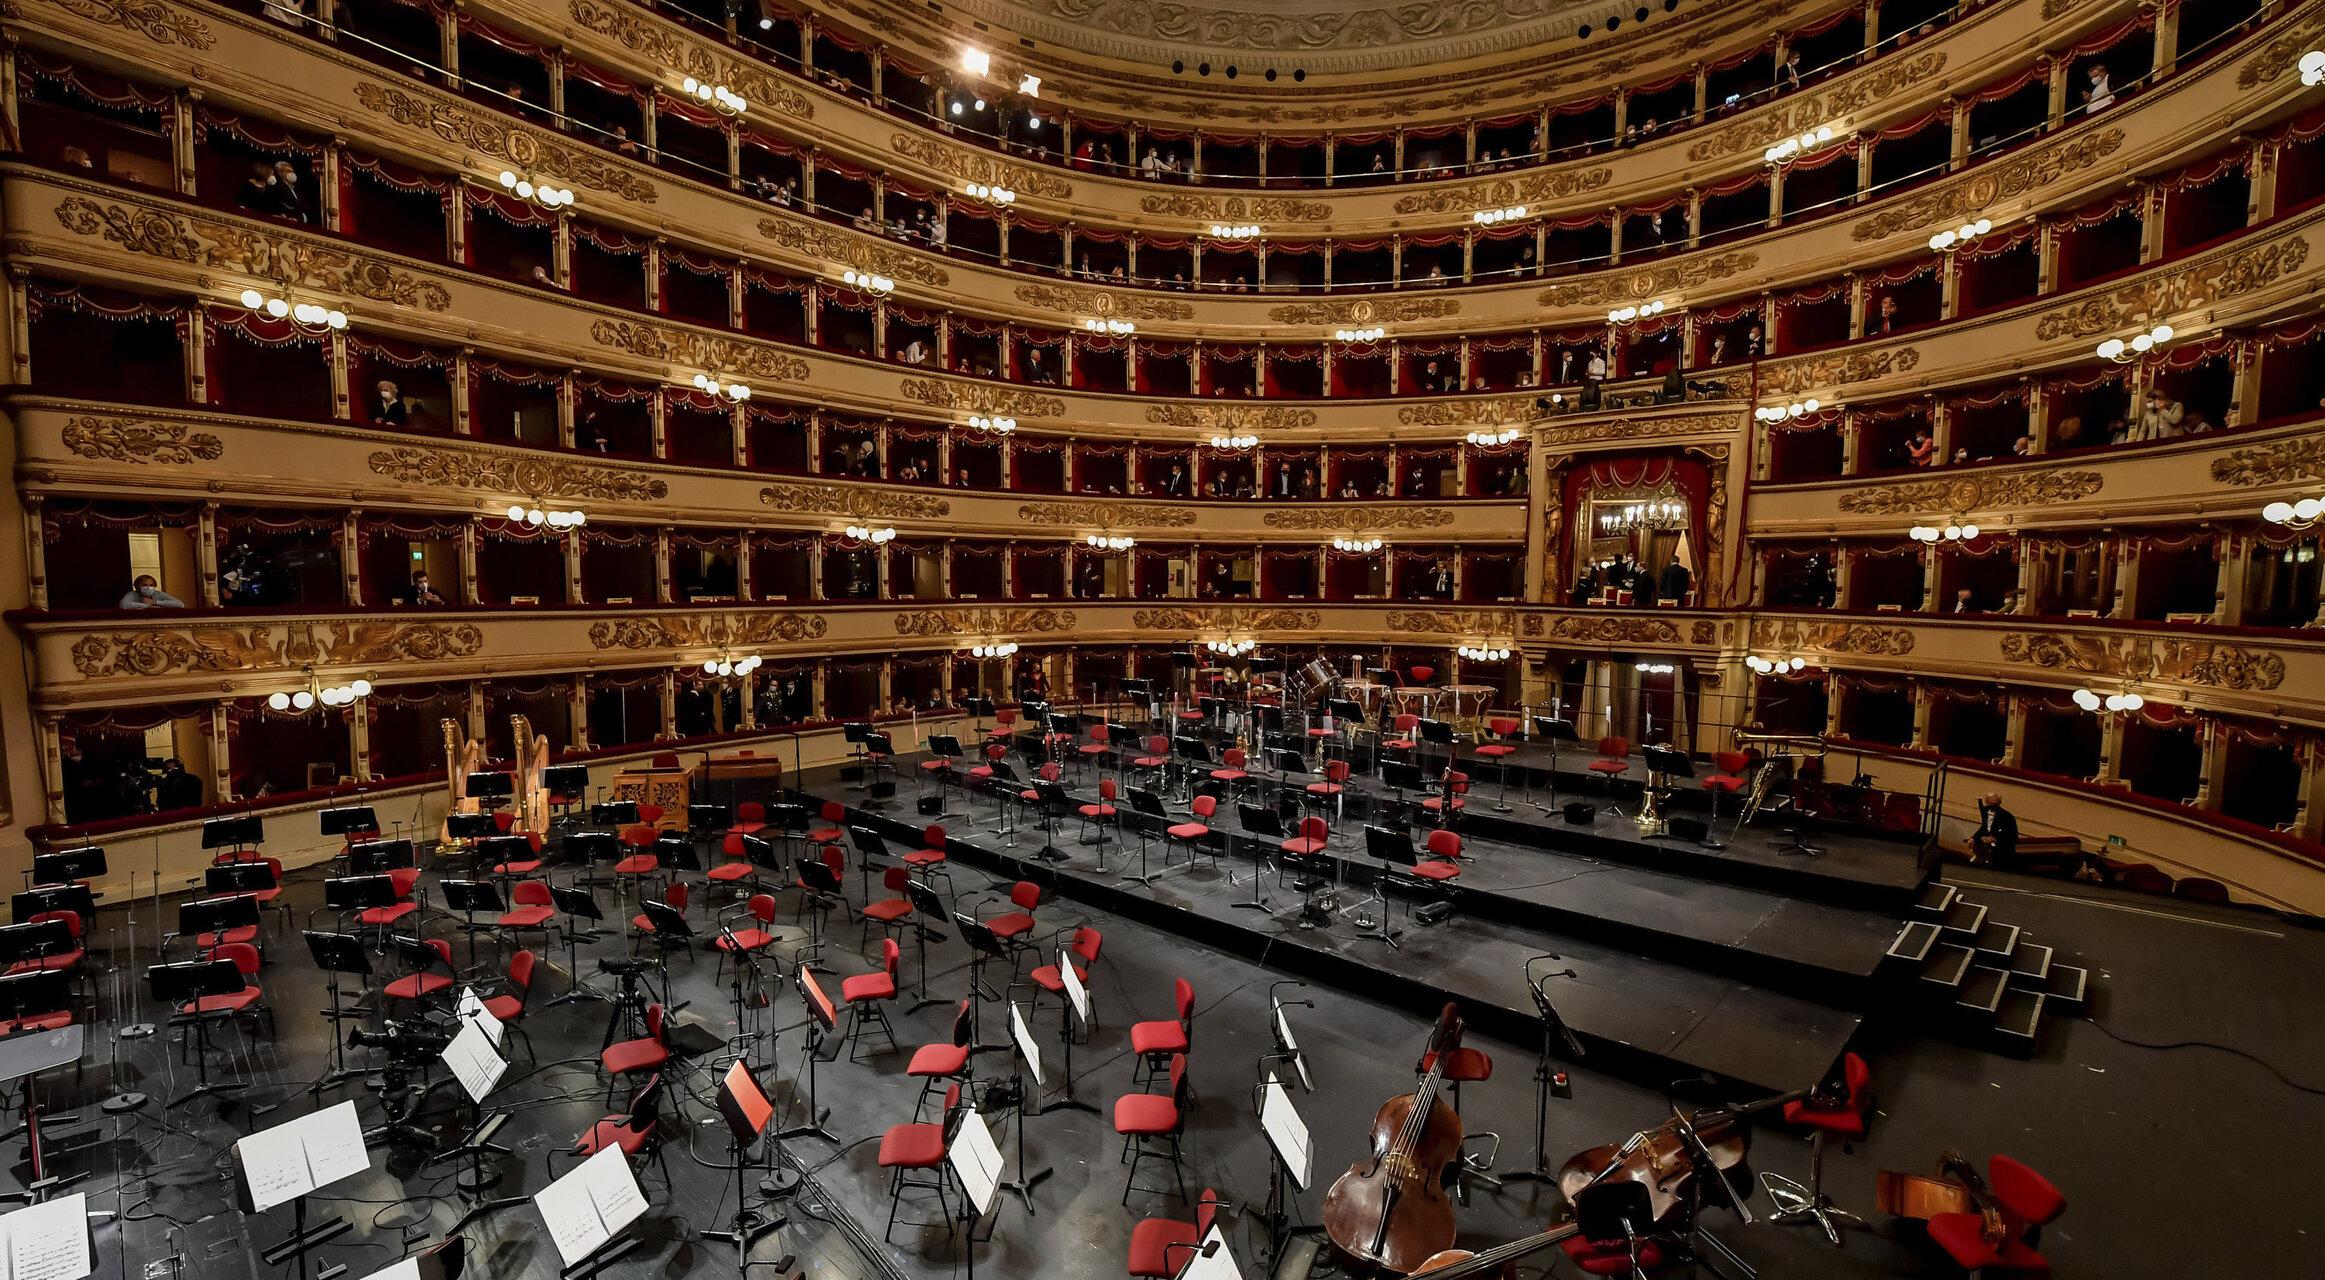 S-a redeschis Scala din Milano, după 7 luni de pauză: muzicieni cu măști, spectatori doar în loje și mult entuziasm